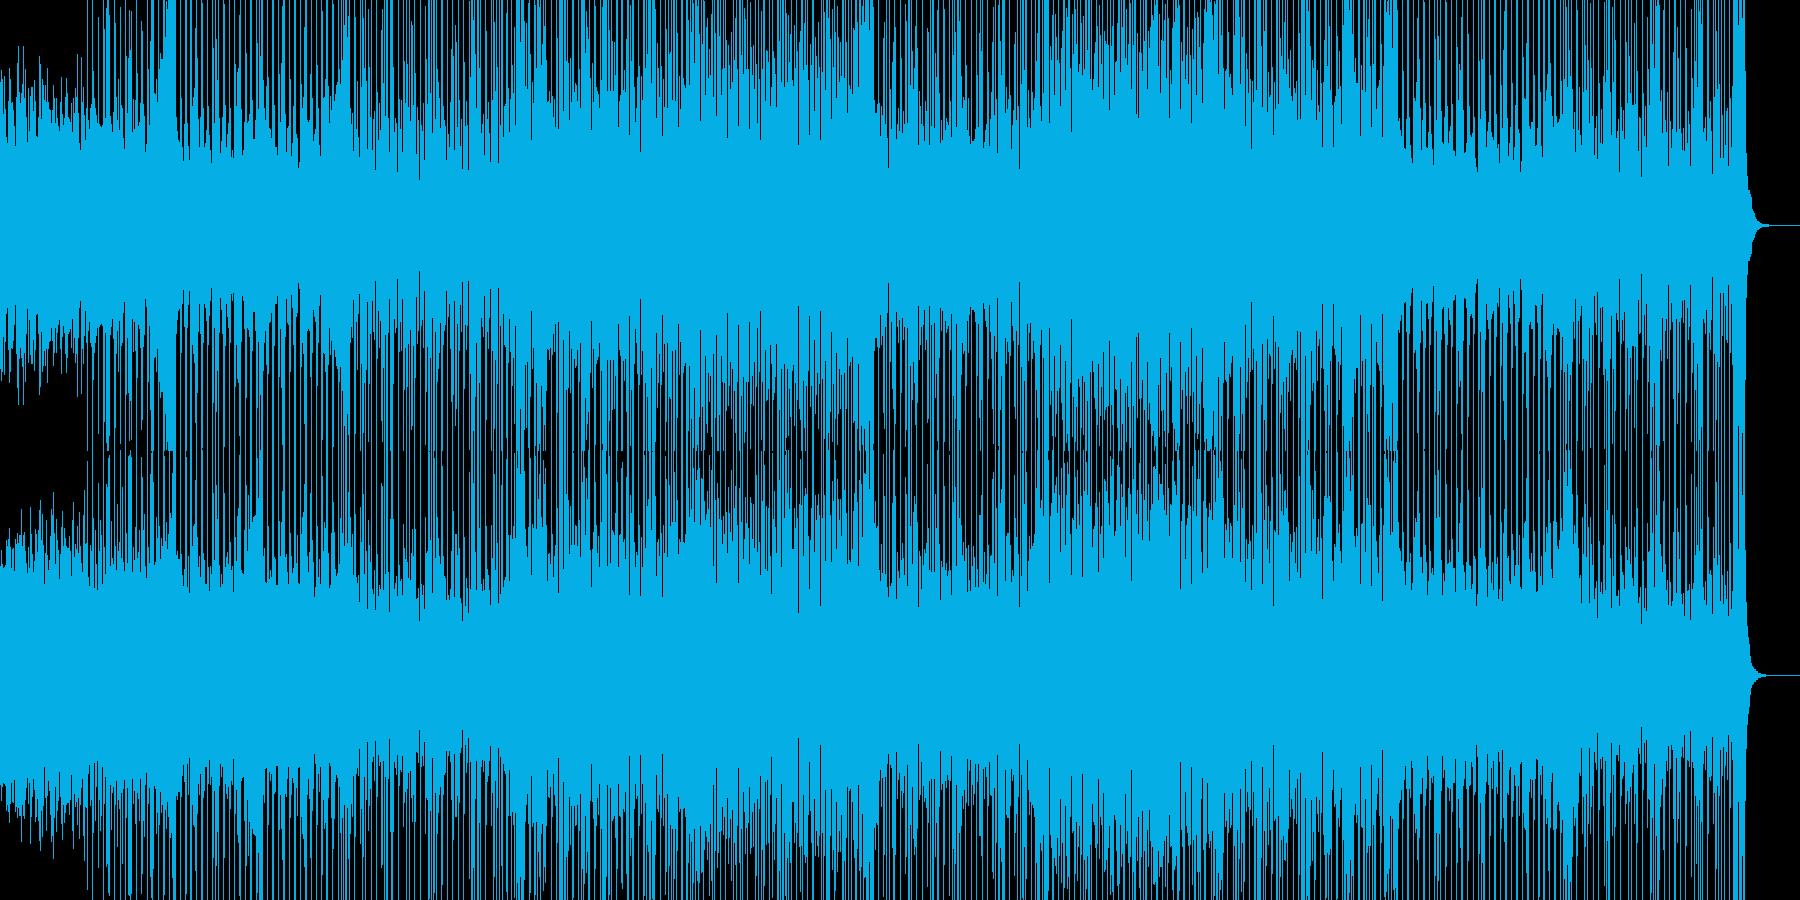 切ないリフが印象的なテクノの再生済みの波形